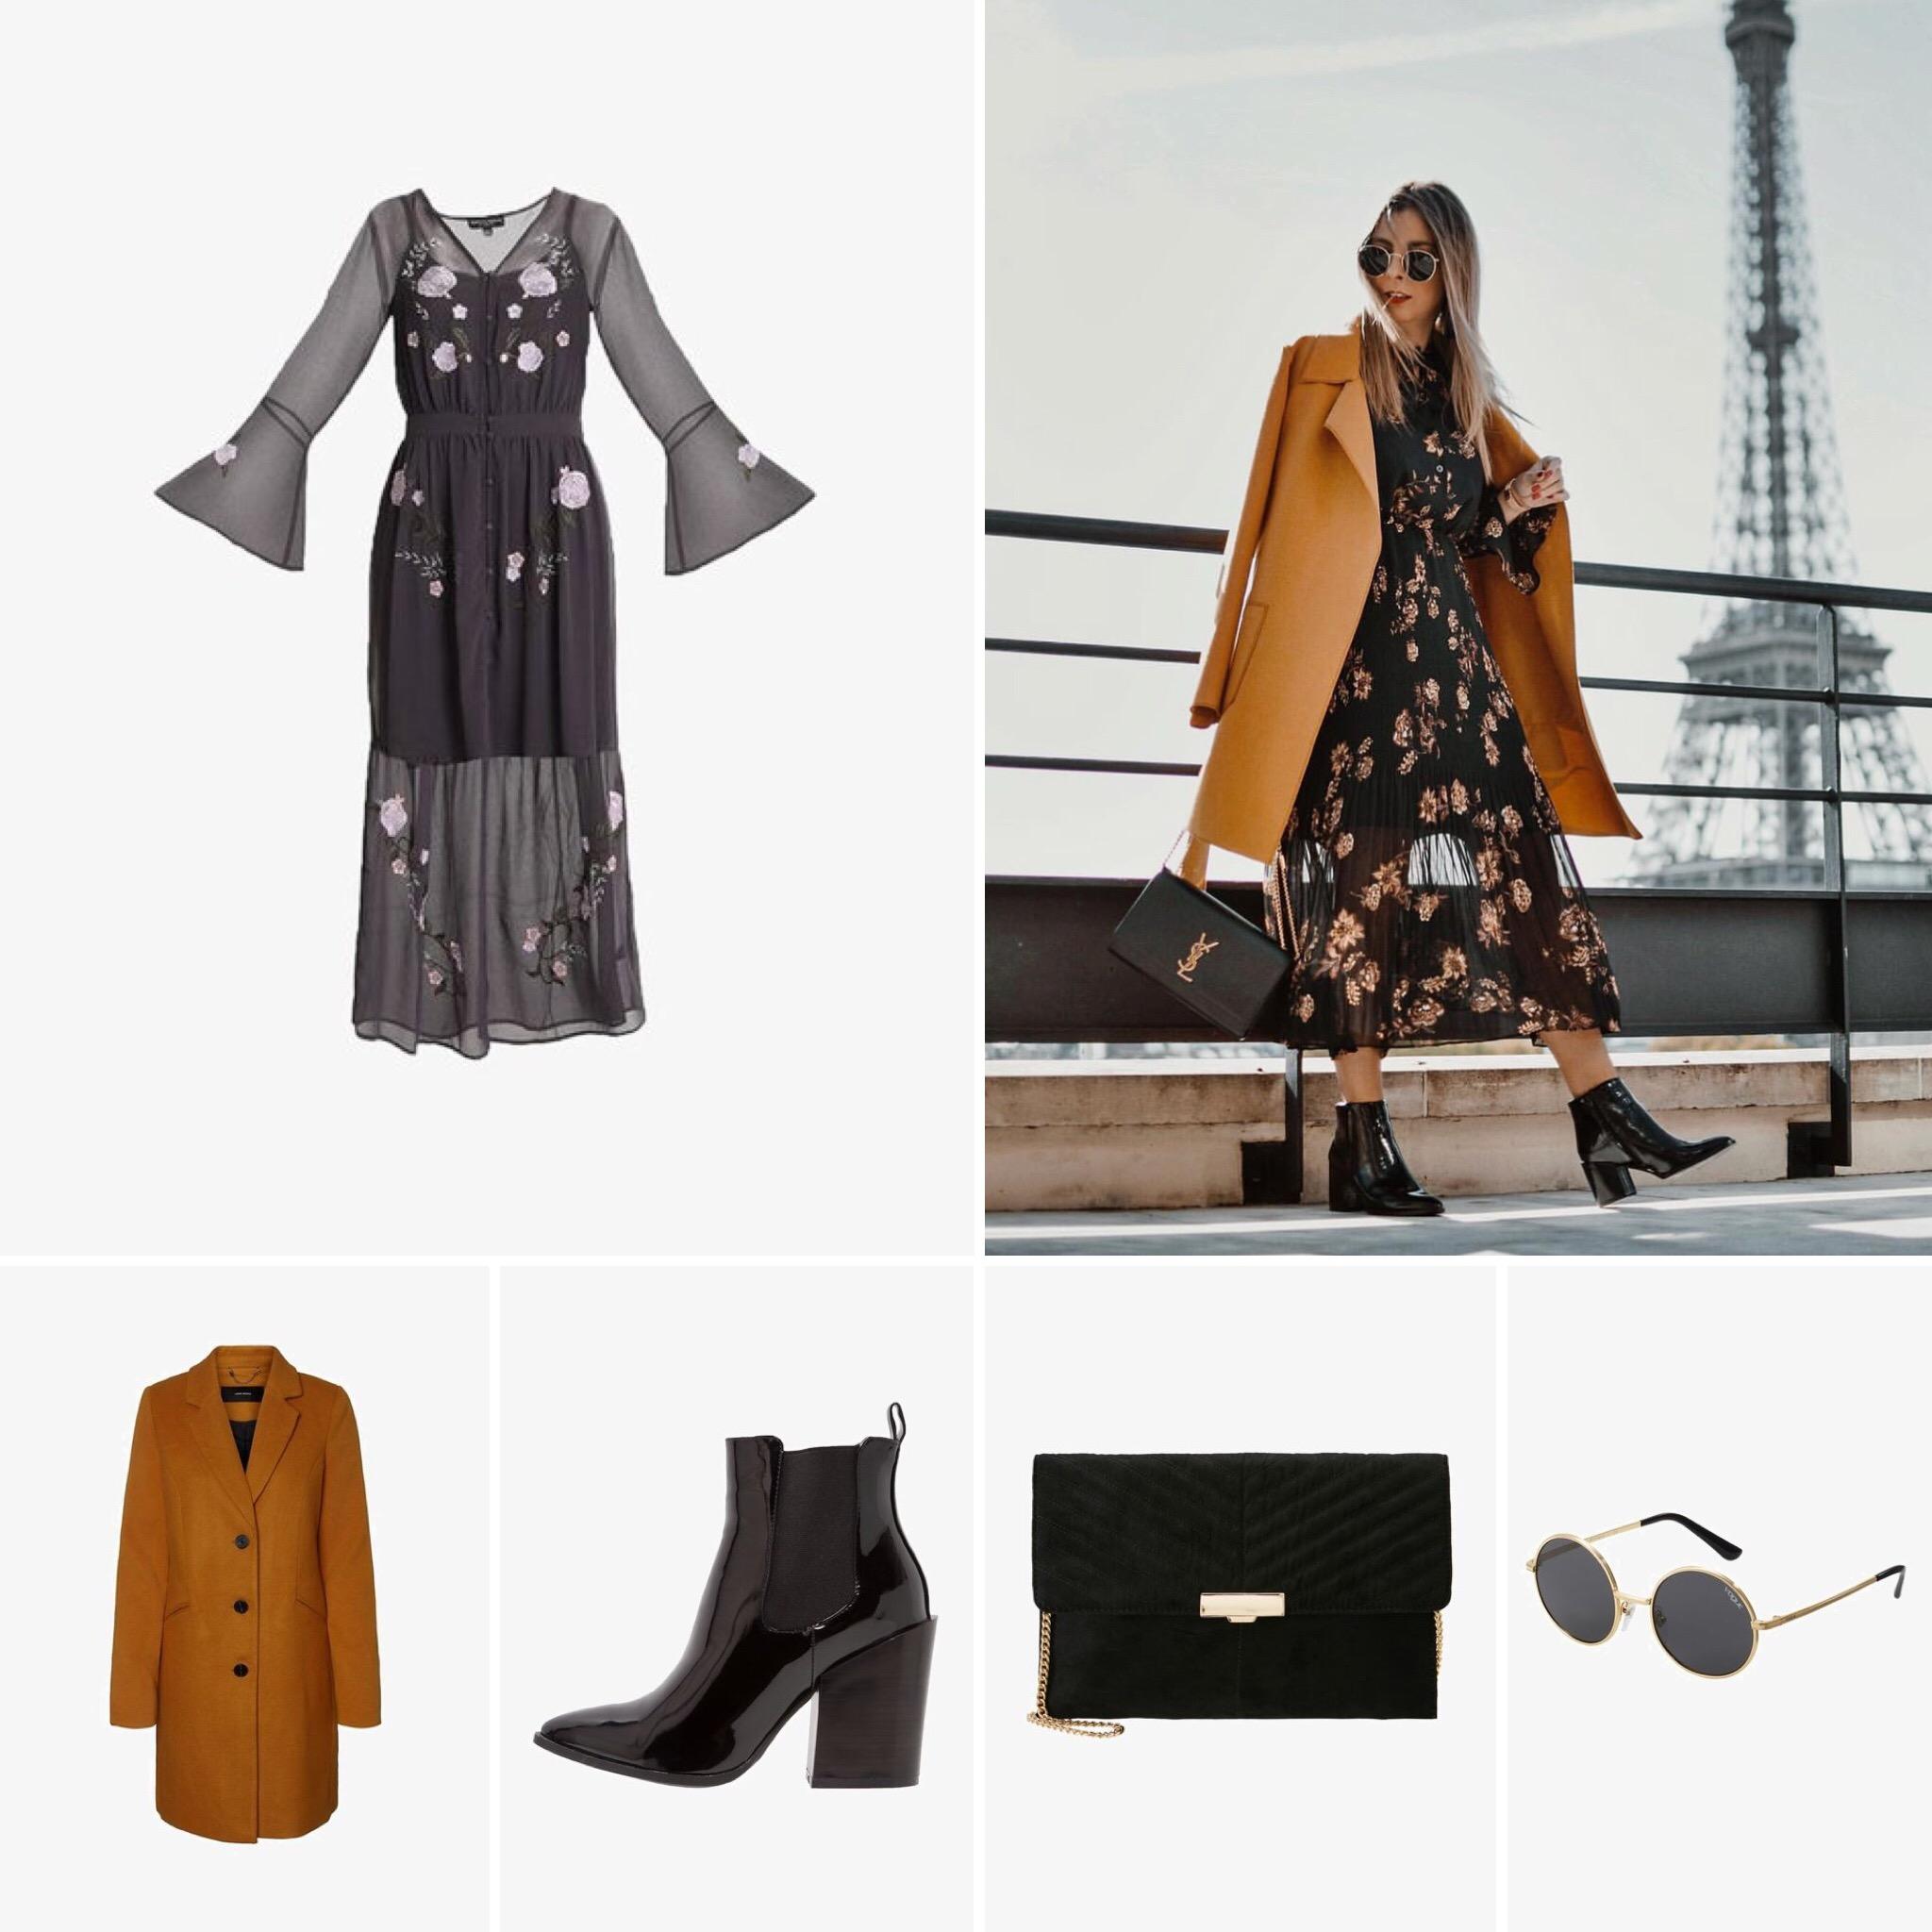 Street Fashion Black Les De Style Look La Paris Bests Girlz Week 4RjLcA5S3q